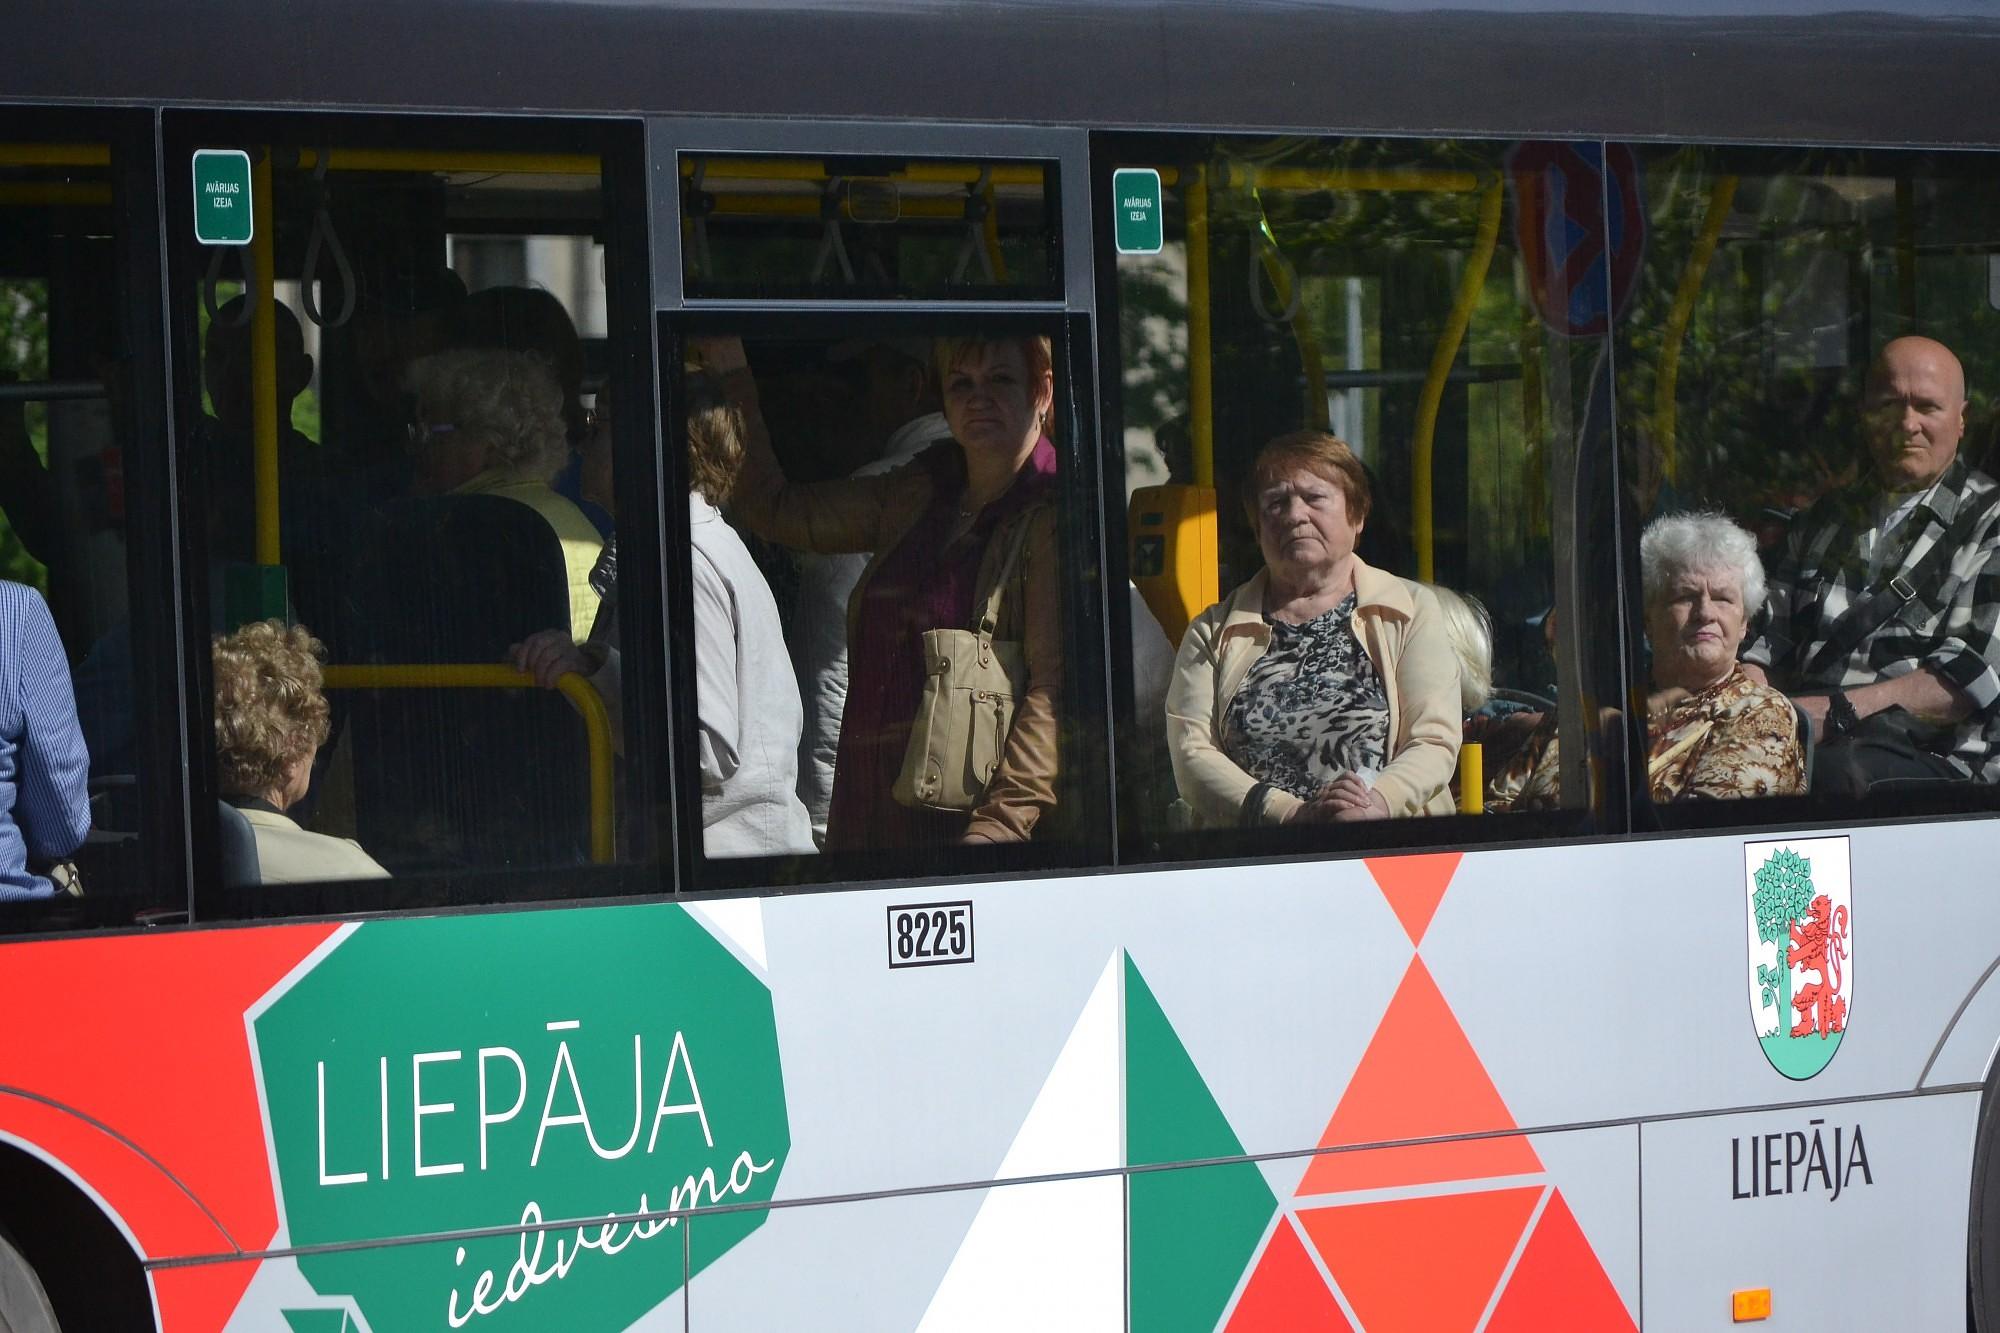 Возможно организация пассажирских перевозок будет изменена